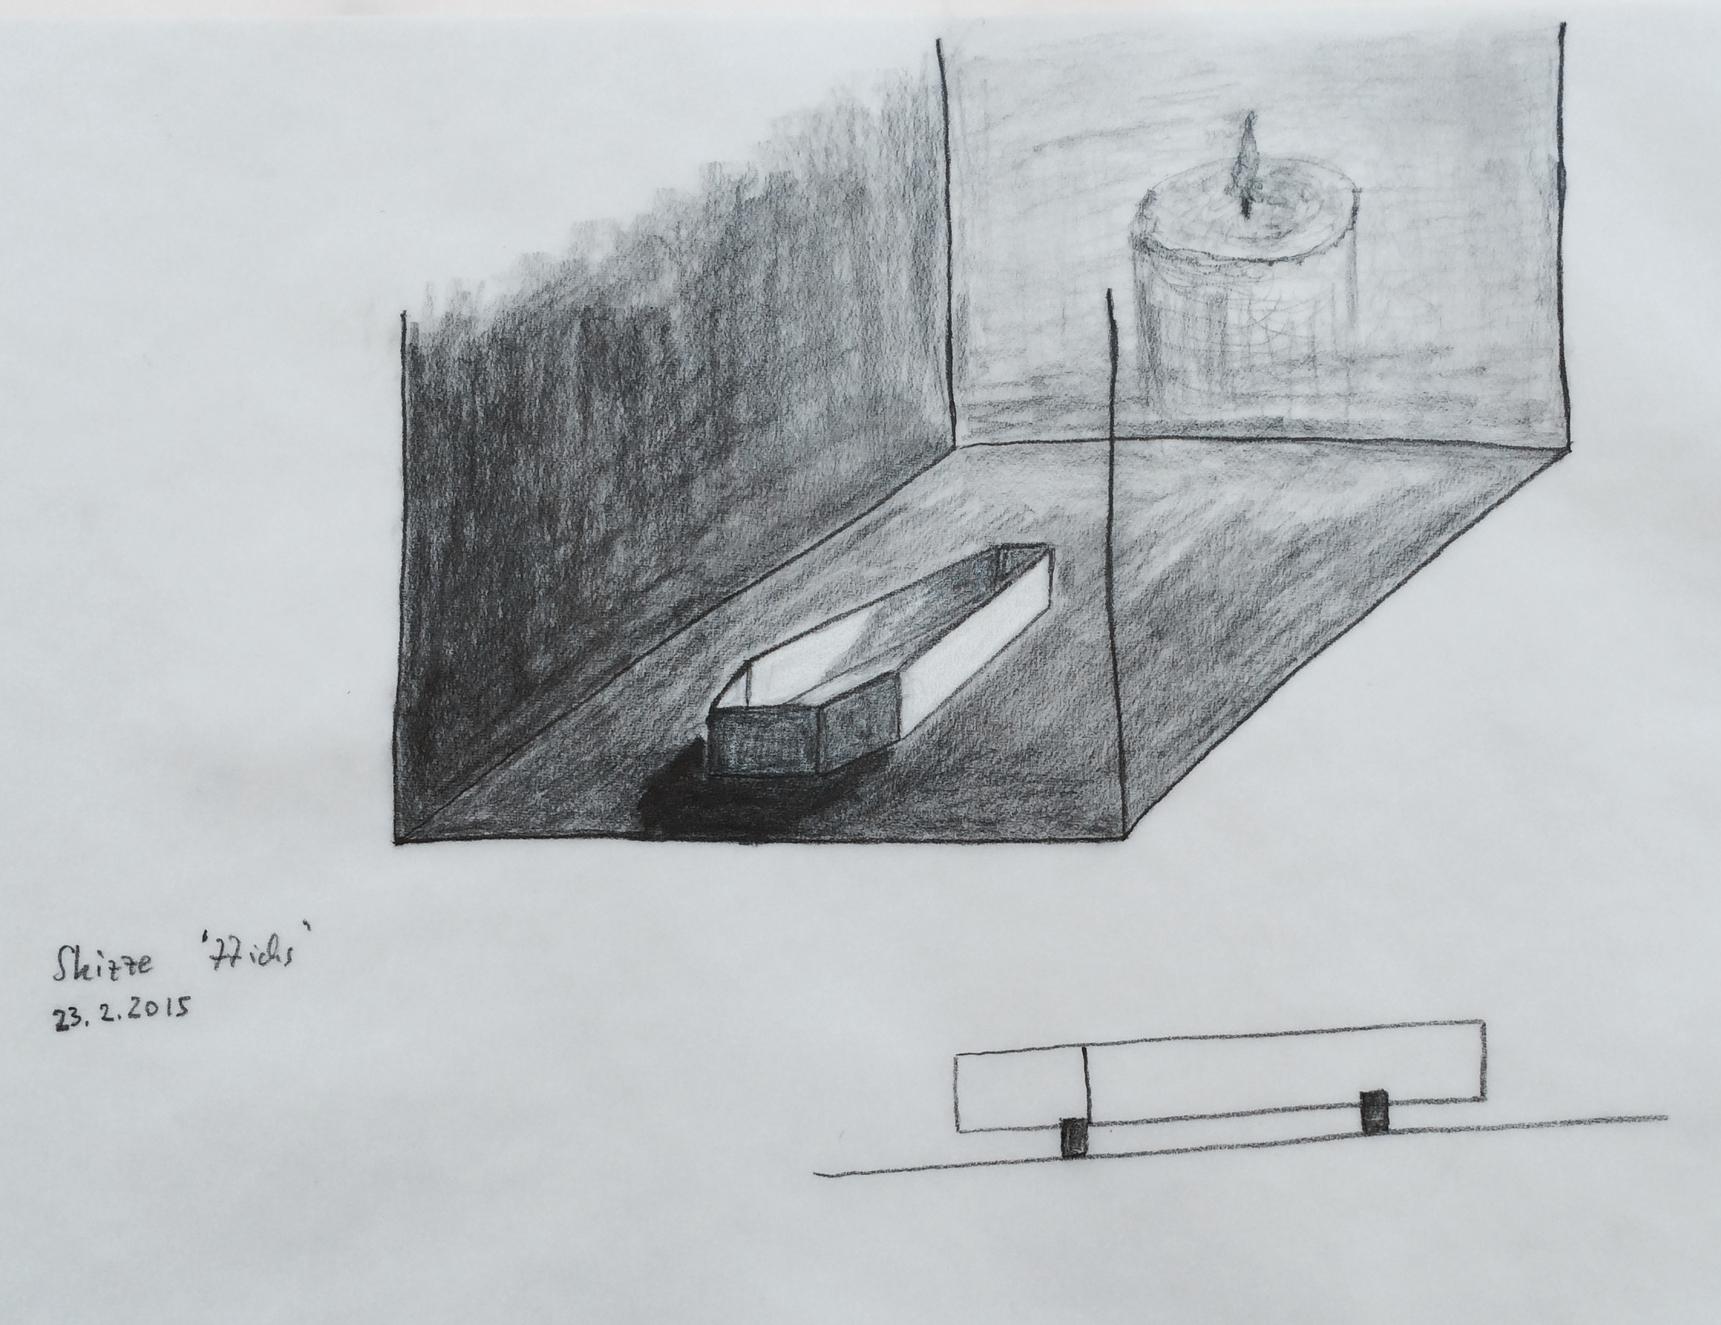 entwurfs.zeichnung wandlungen des ich < 77ichs >